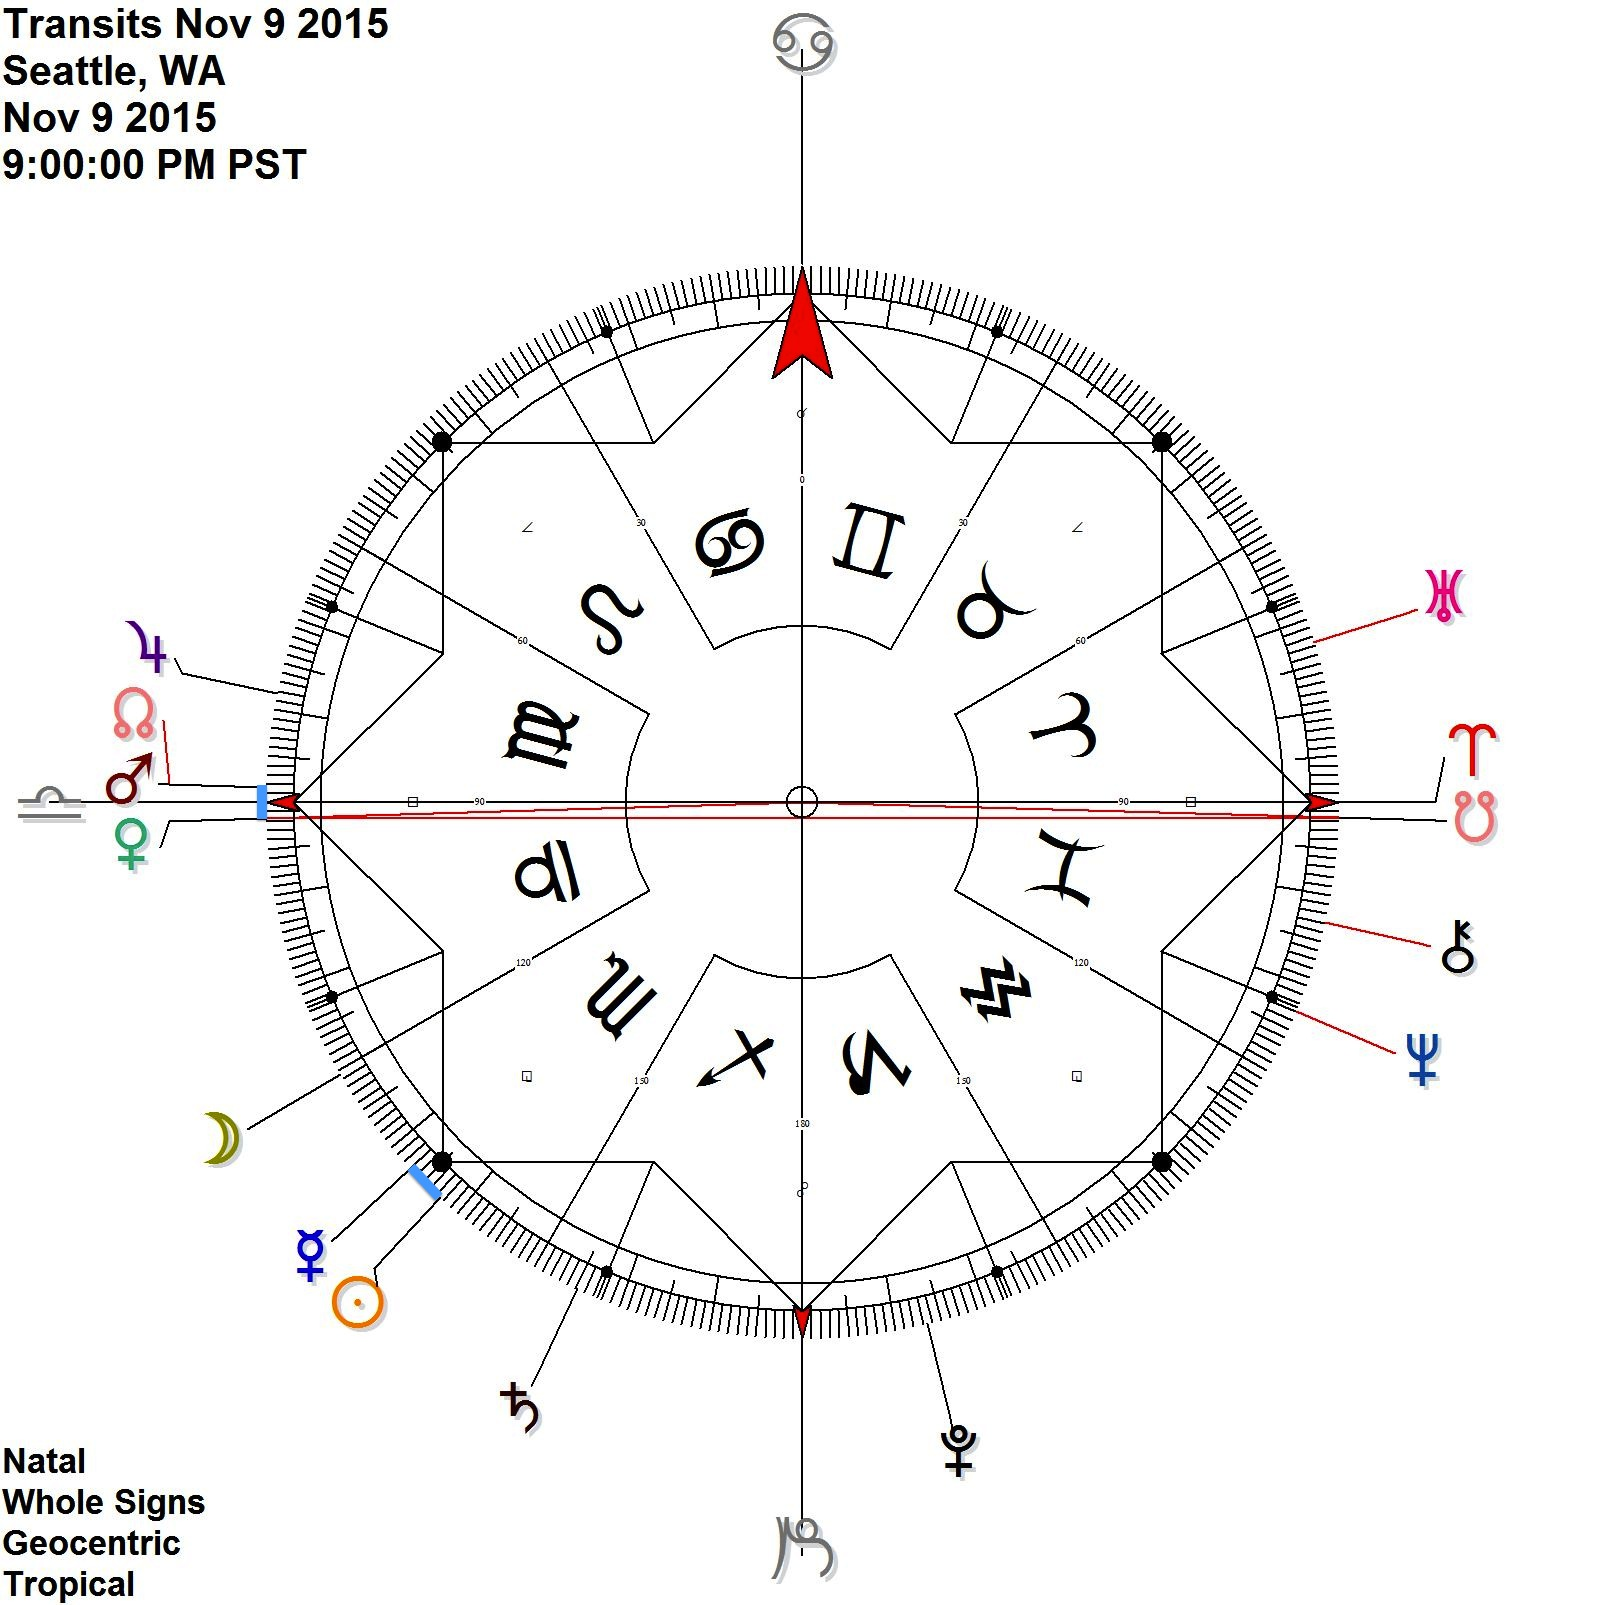 Venus Mars Node on the cardinal axis + Sun Mercury antiscia around the 15 Scorpio point